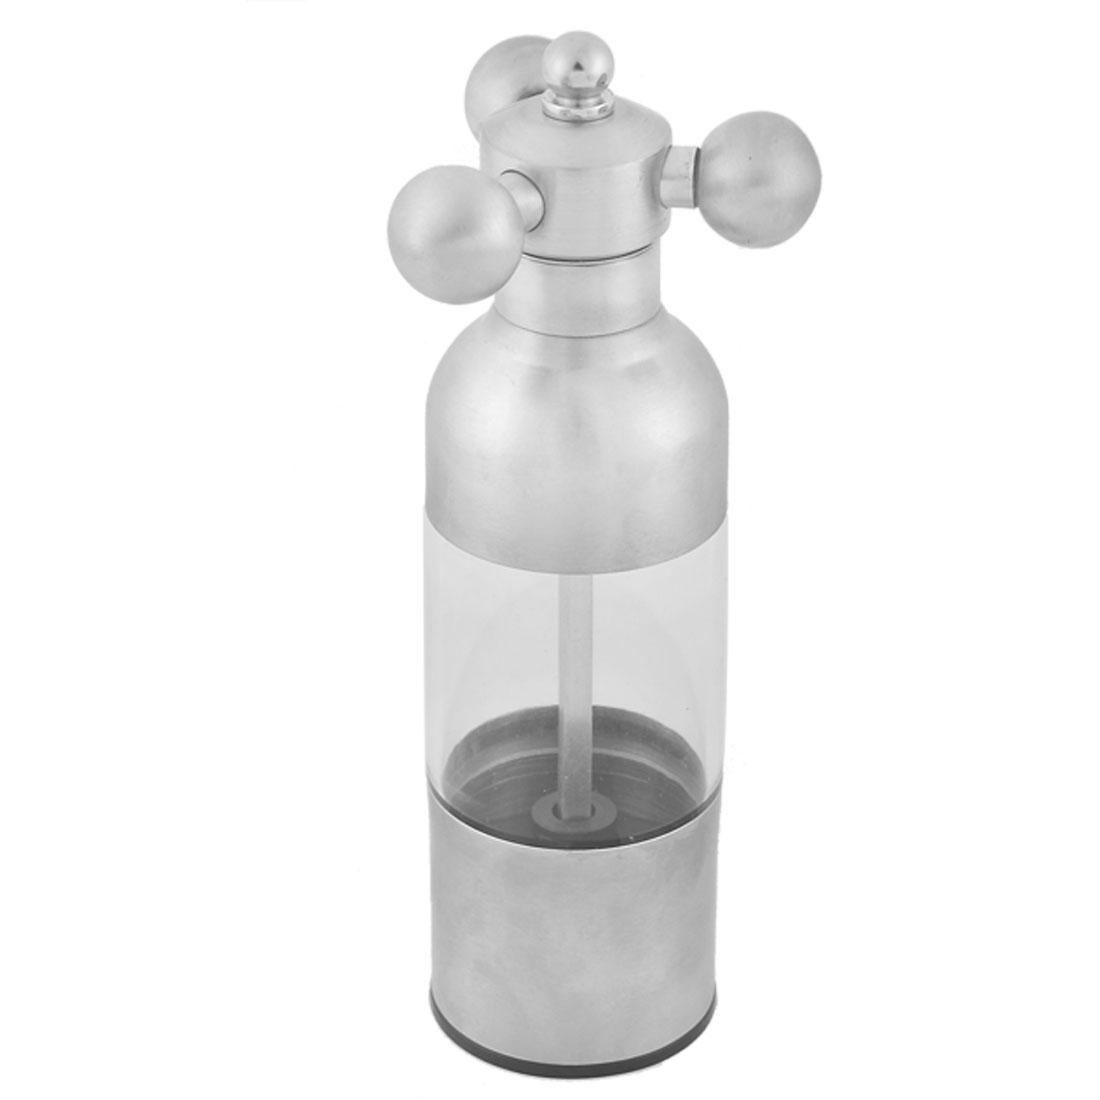 Household Kitchen Faucet Design Salt Pepper Spice Mill Grinder Shaker Pot